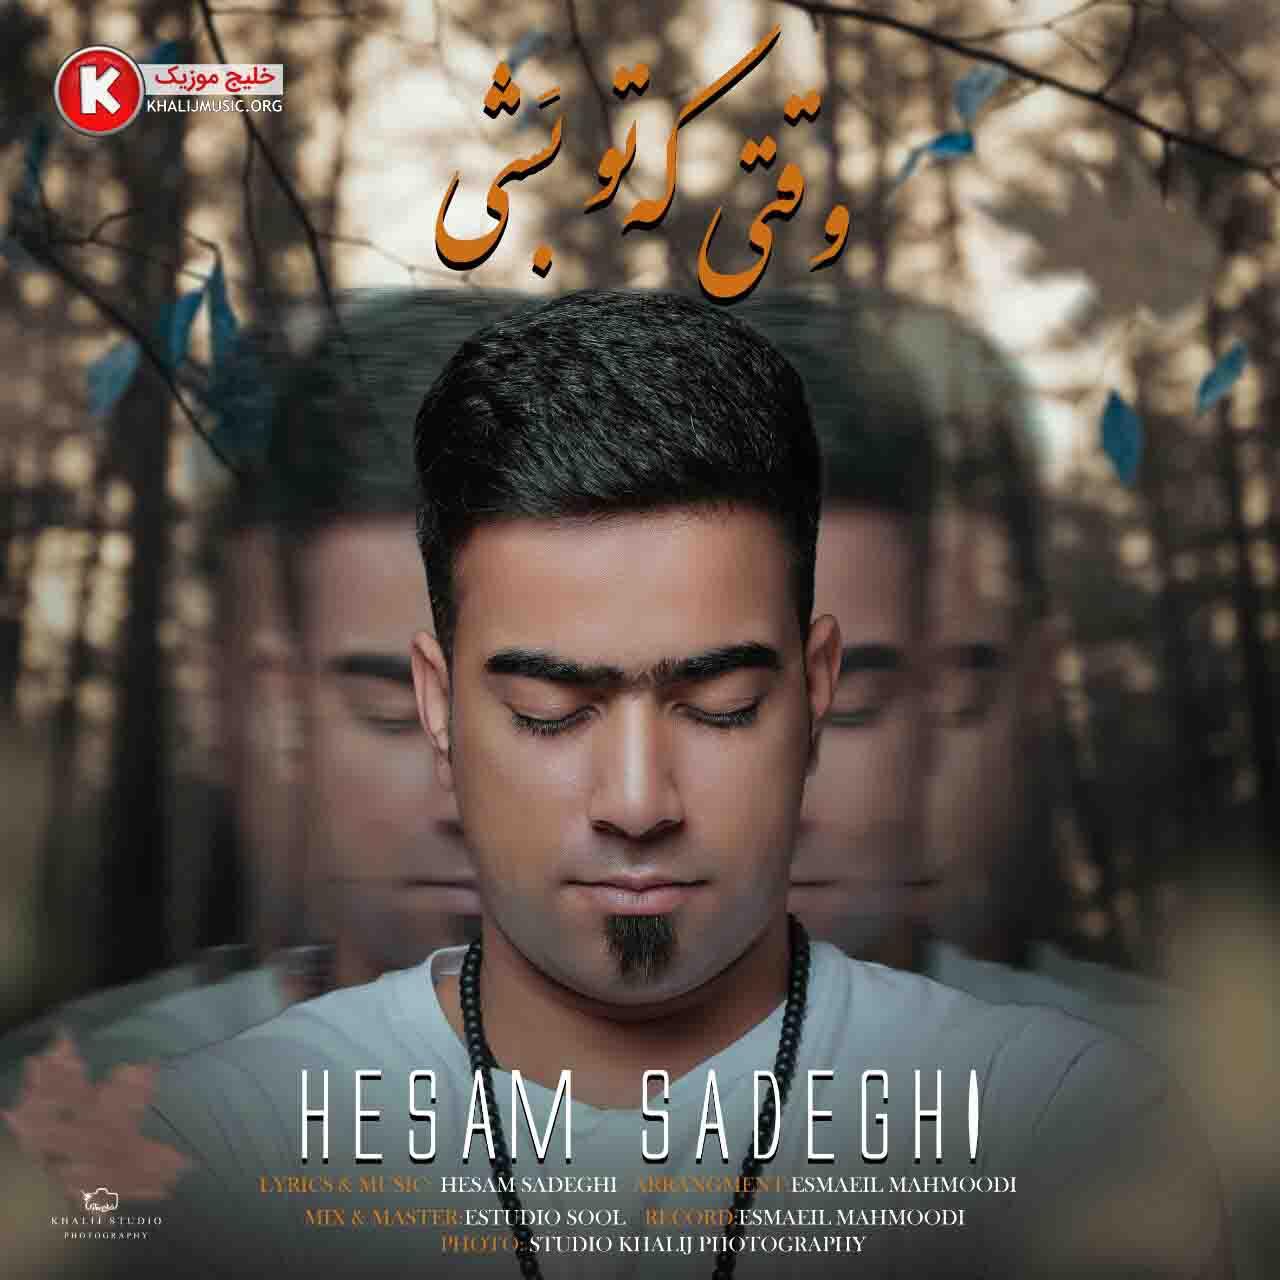 حسام صادقی دانلود آهنگ جدید و فوق العاده بسیار زیبا و شنیدنی بنام وقتی که تو بشی